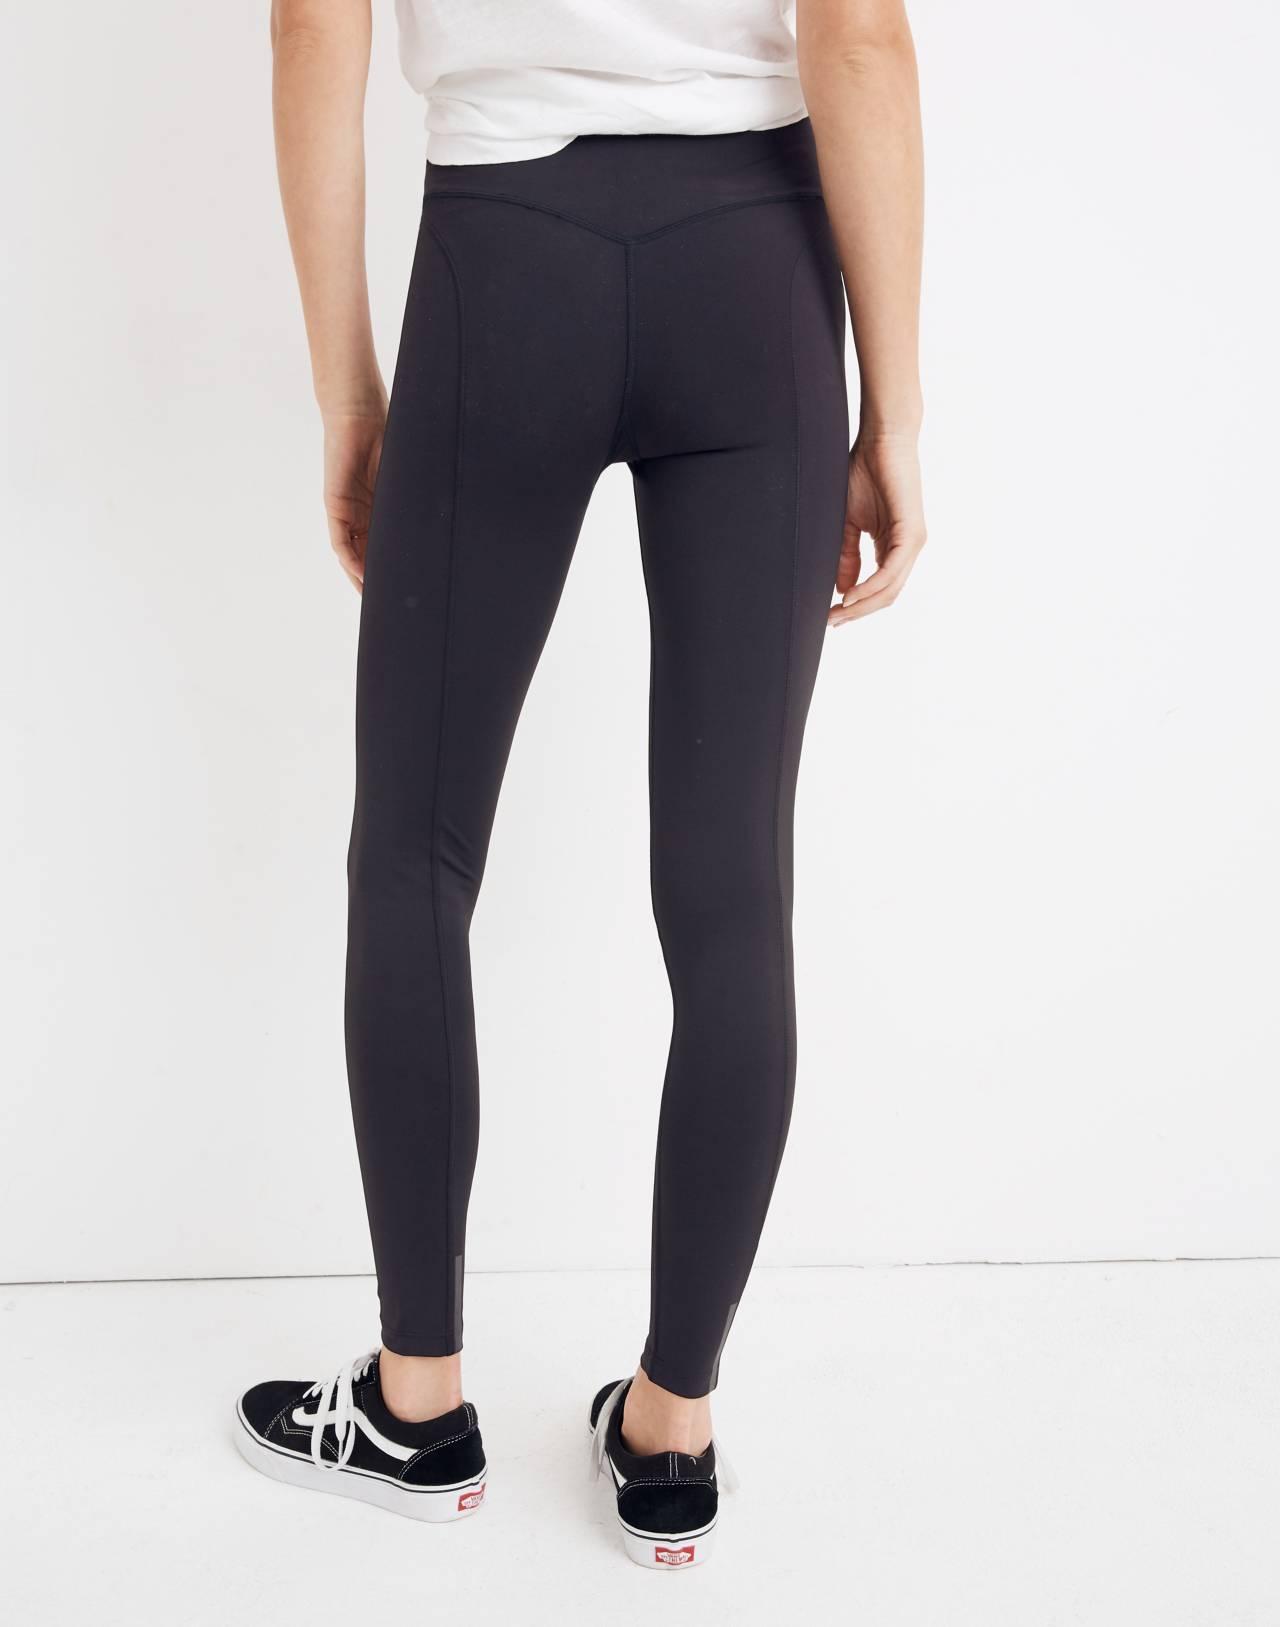 Splits59™ Edie High-Waist Tights in black image 3